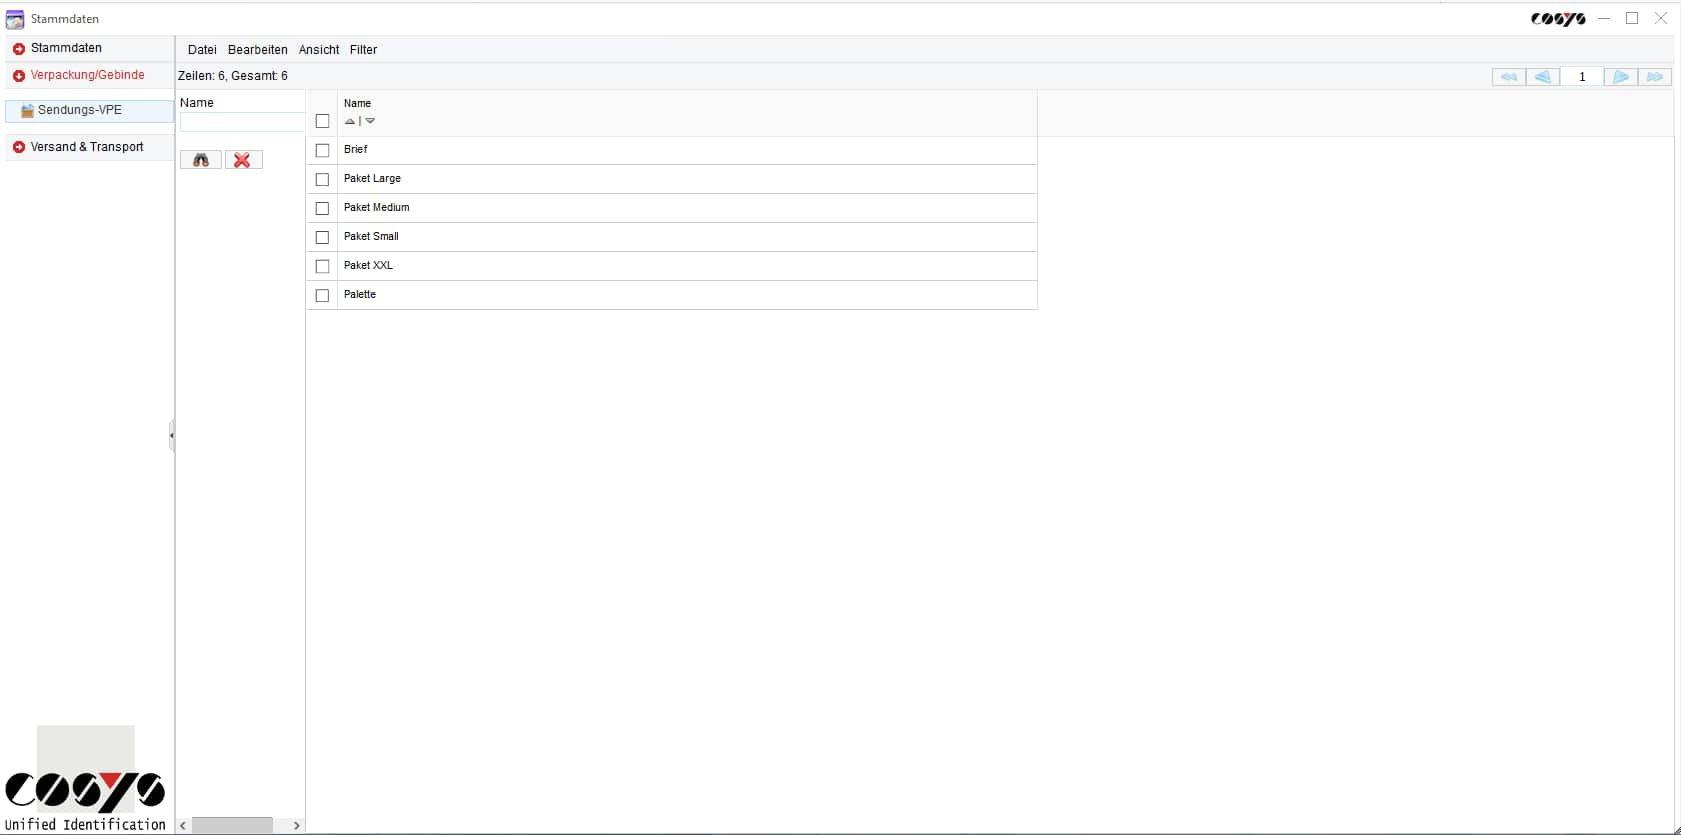 Stammdaten Empfänger WebDesk